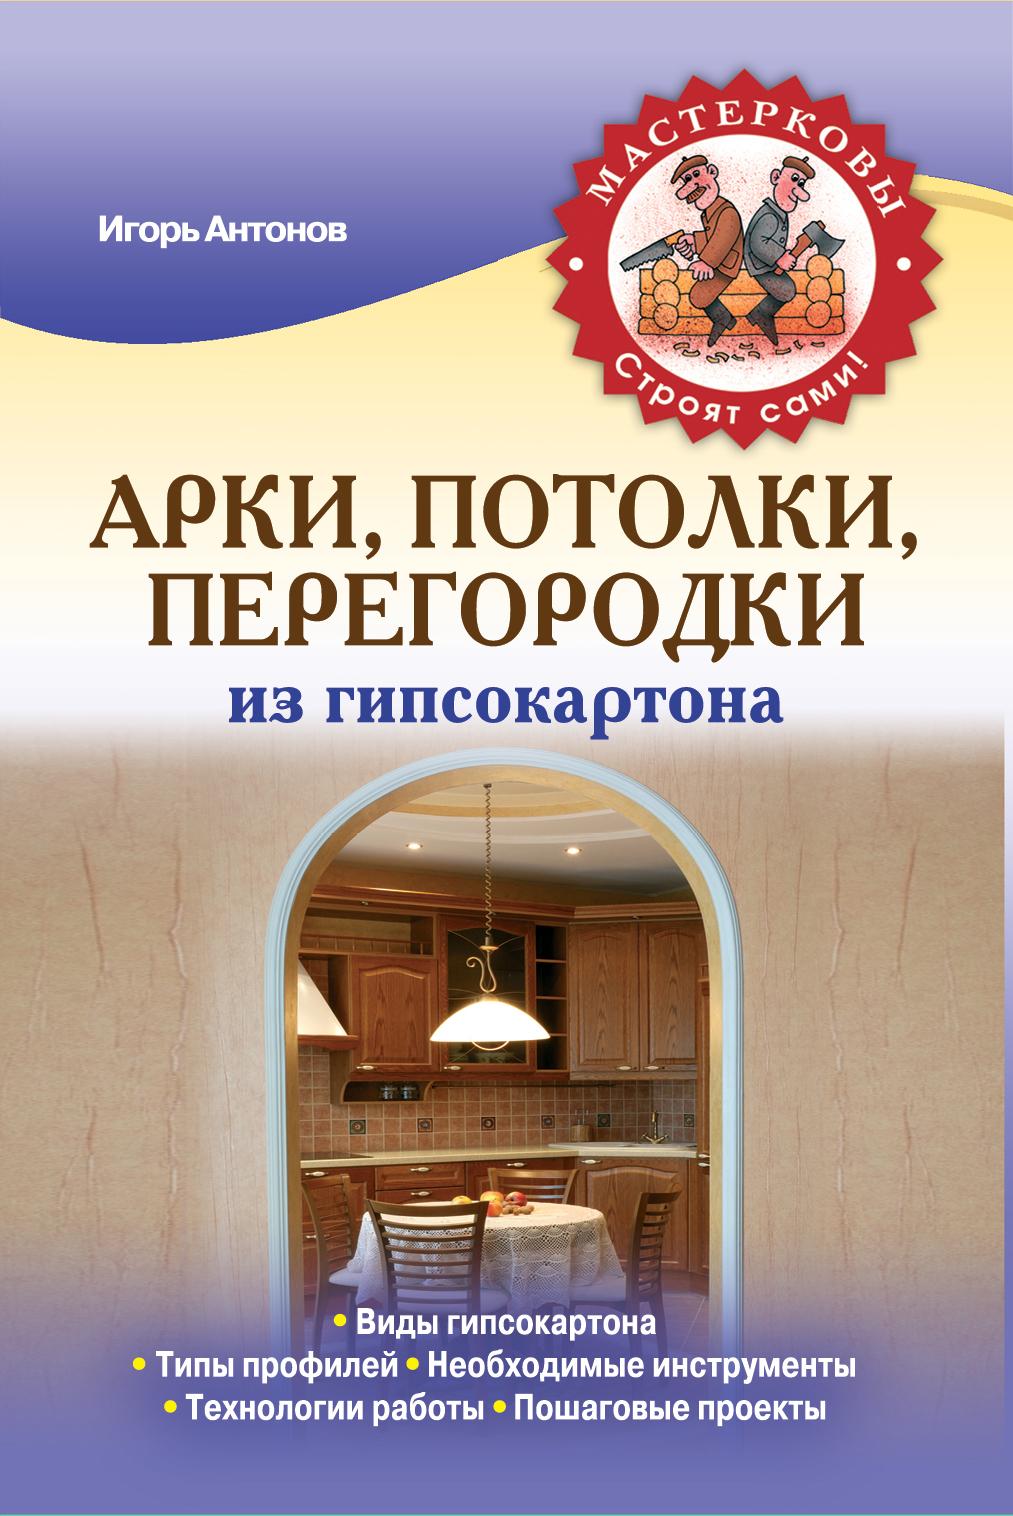 Игорь Антонов Арки, потолки, перегородки из гипсокартона цена